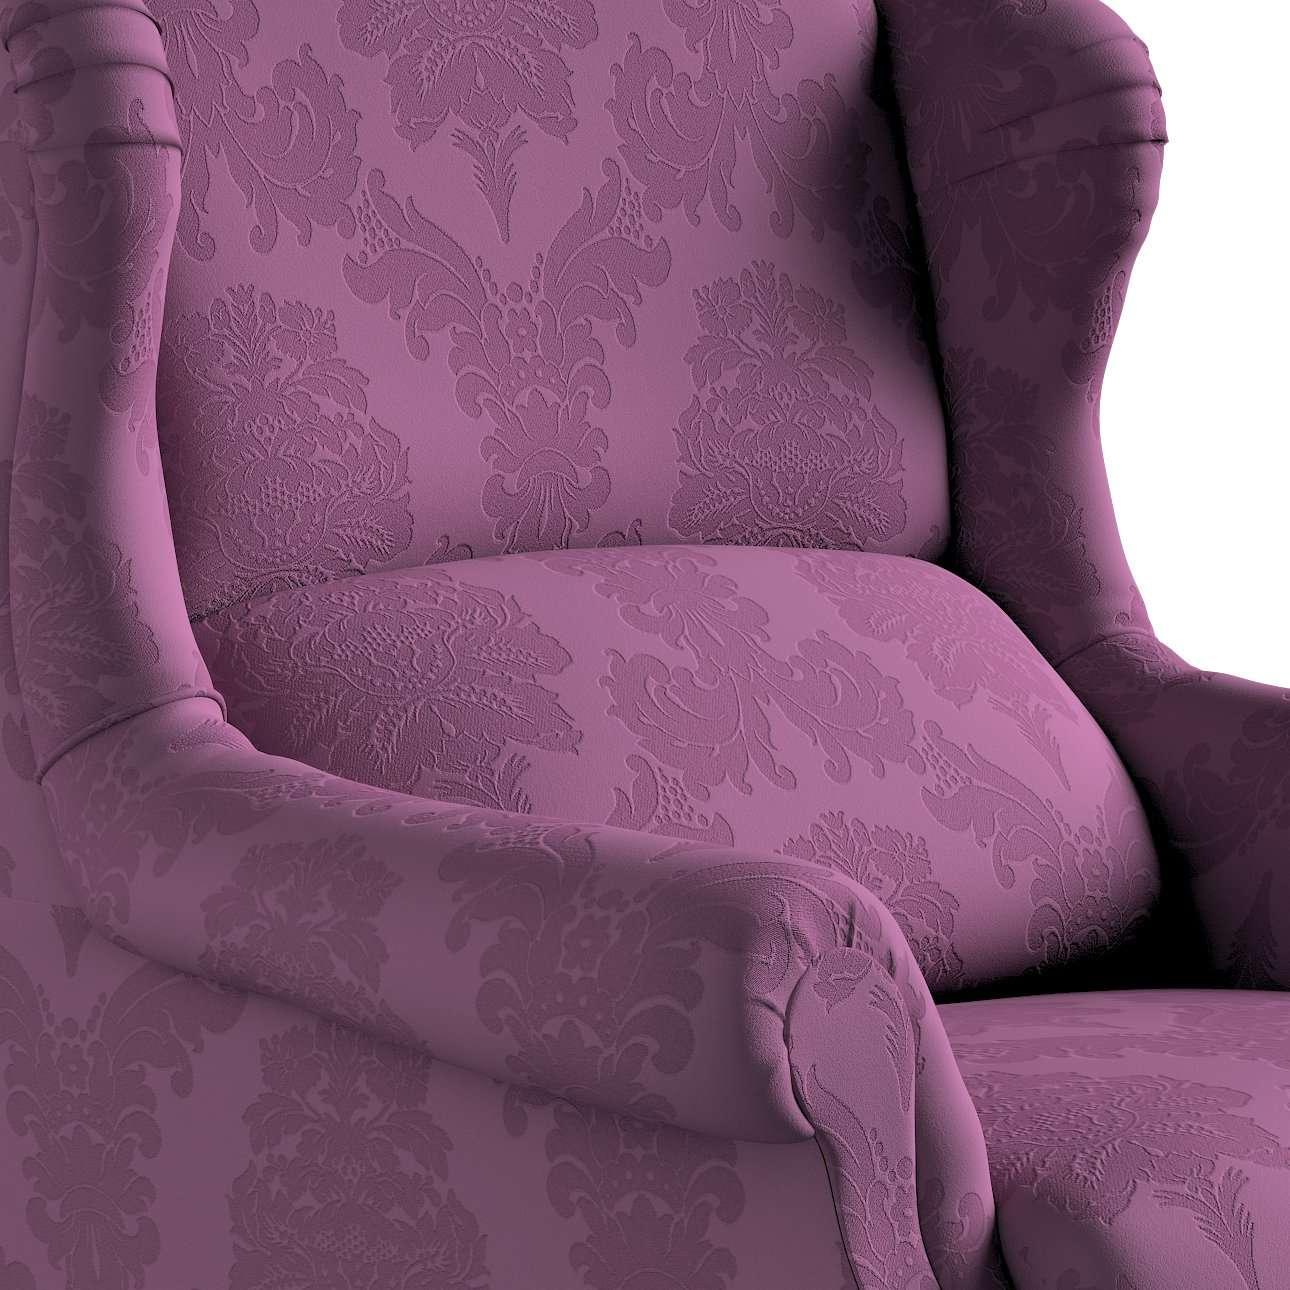 Sessel 63 x 115 cm von der Kollektion Damasco, Stoff: 613-75